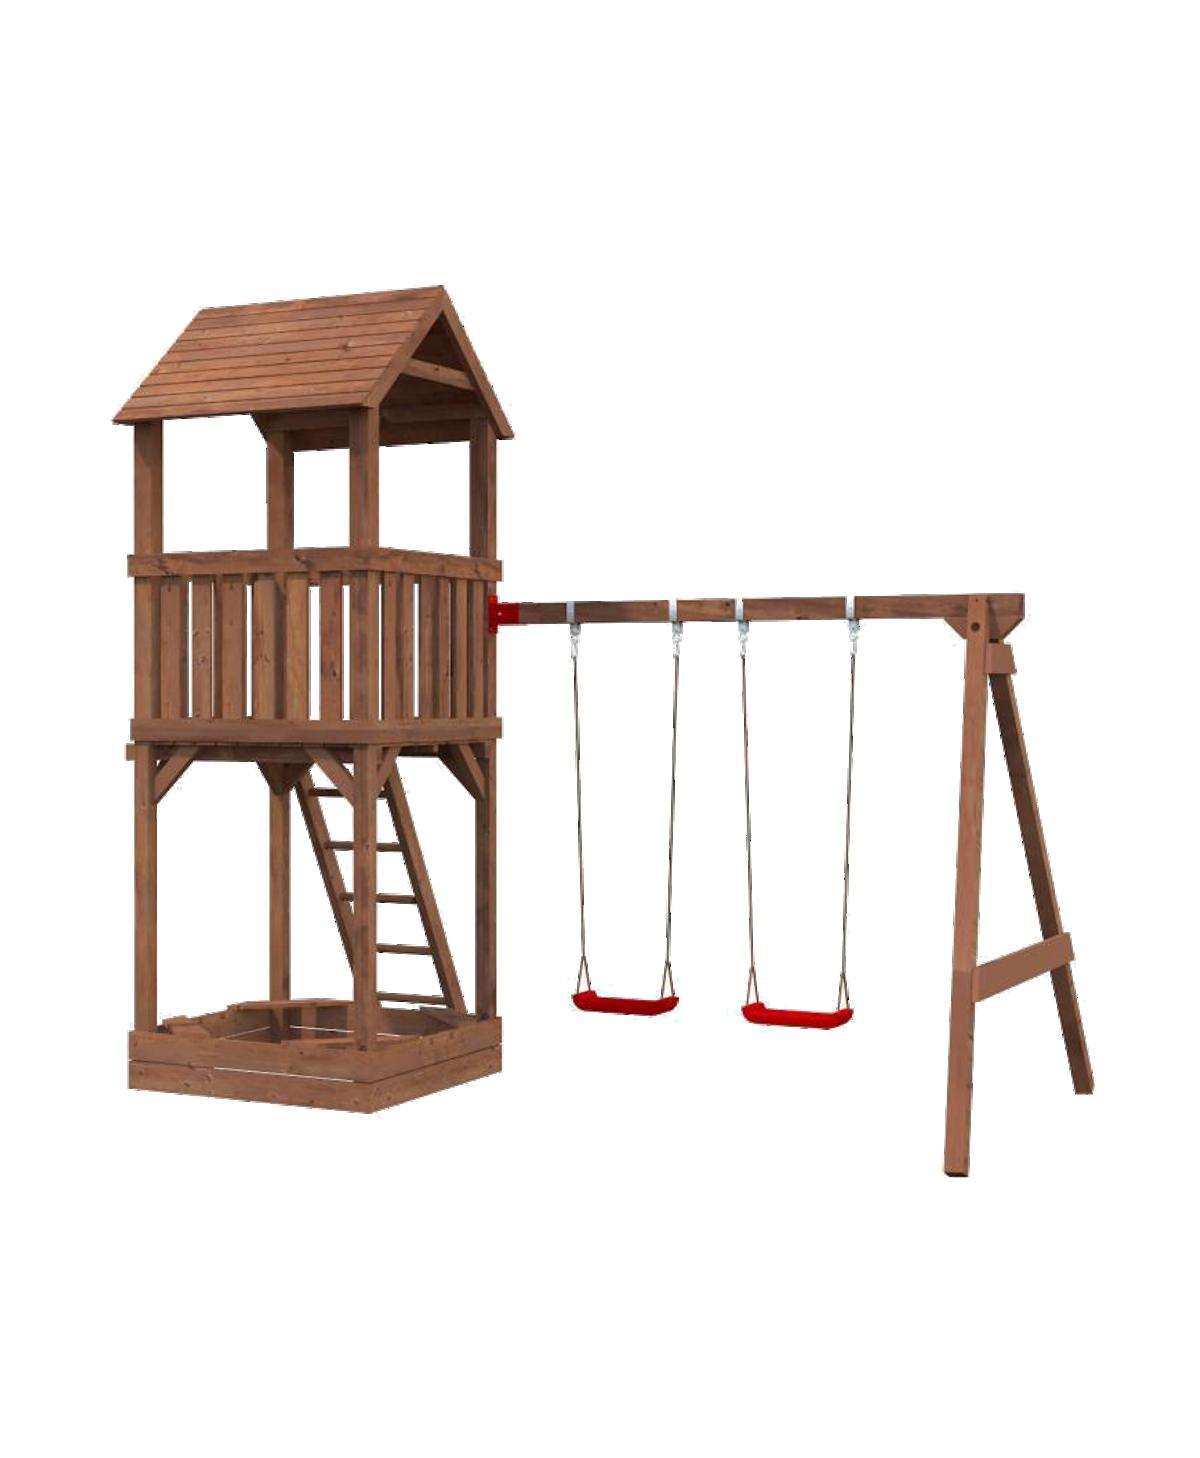 Spieltrum Jesper Set 2 Turm mit Dach Schaukel